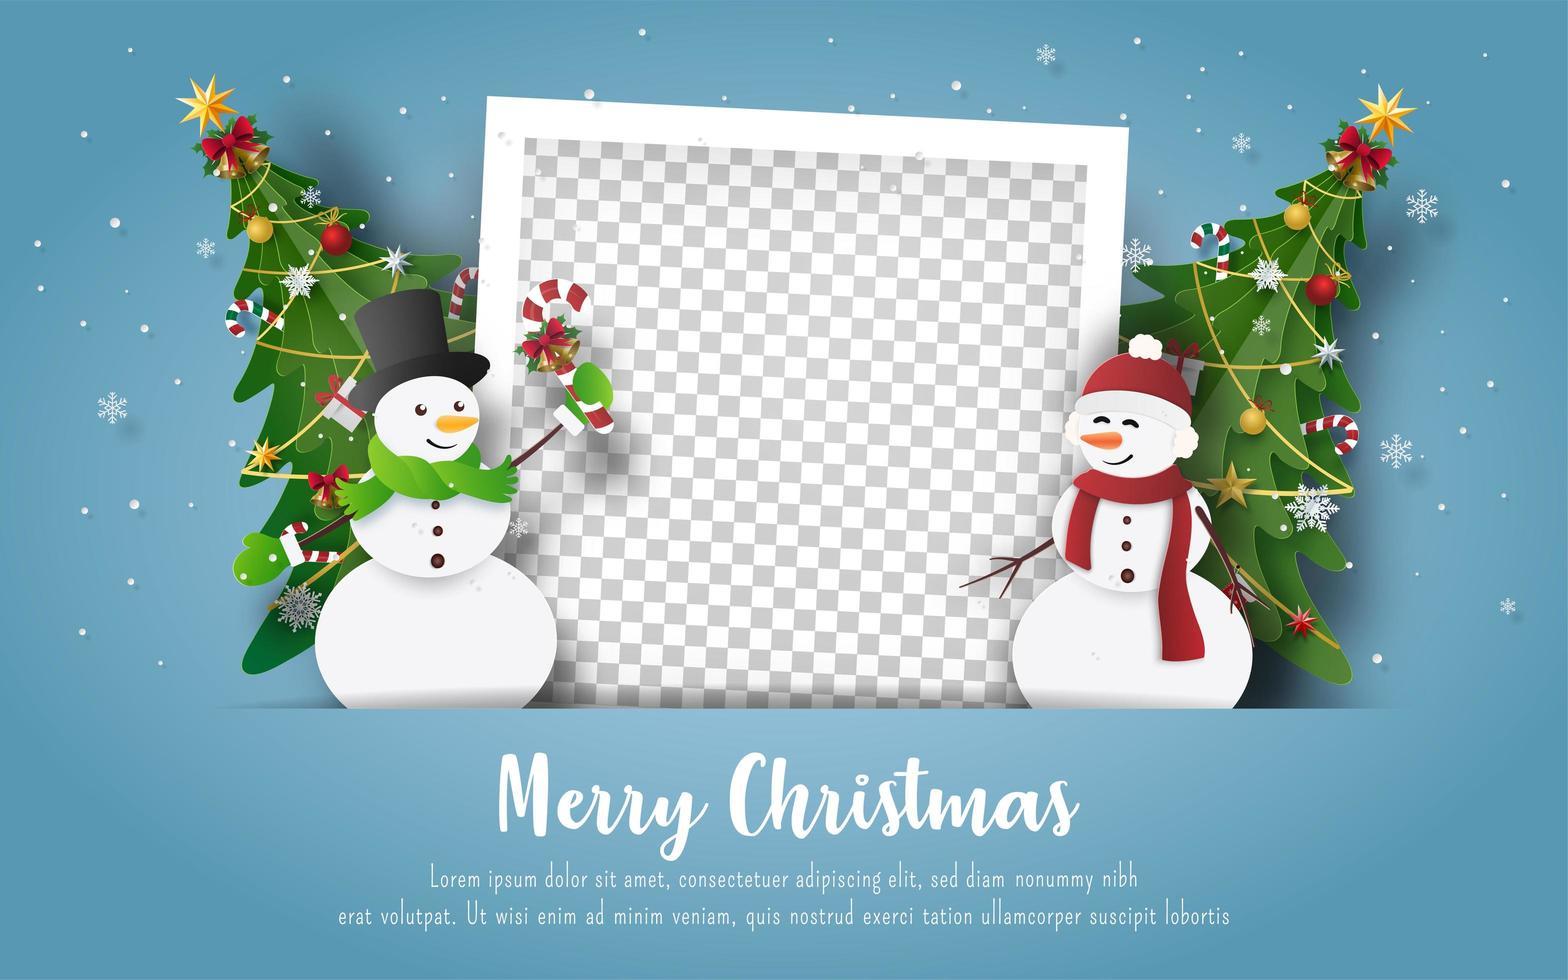 carte postale de Noël avec bonhomme de neige et cadre photo vierge vecteur